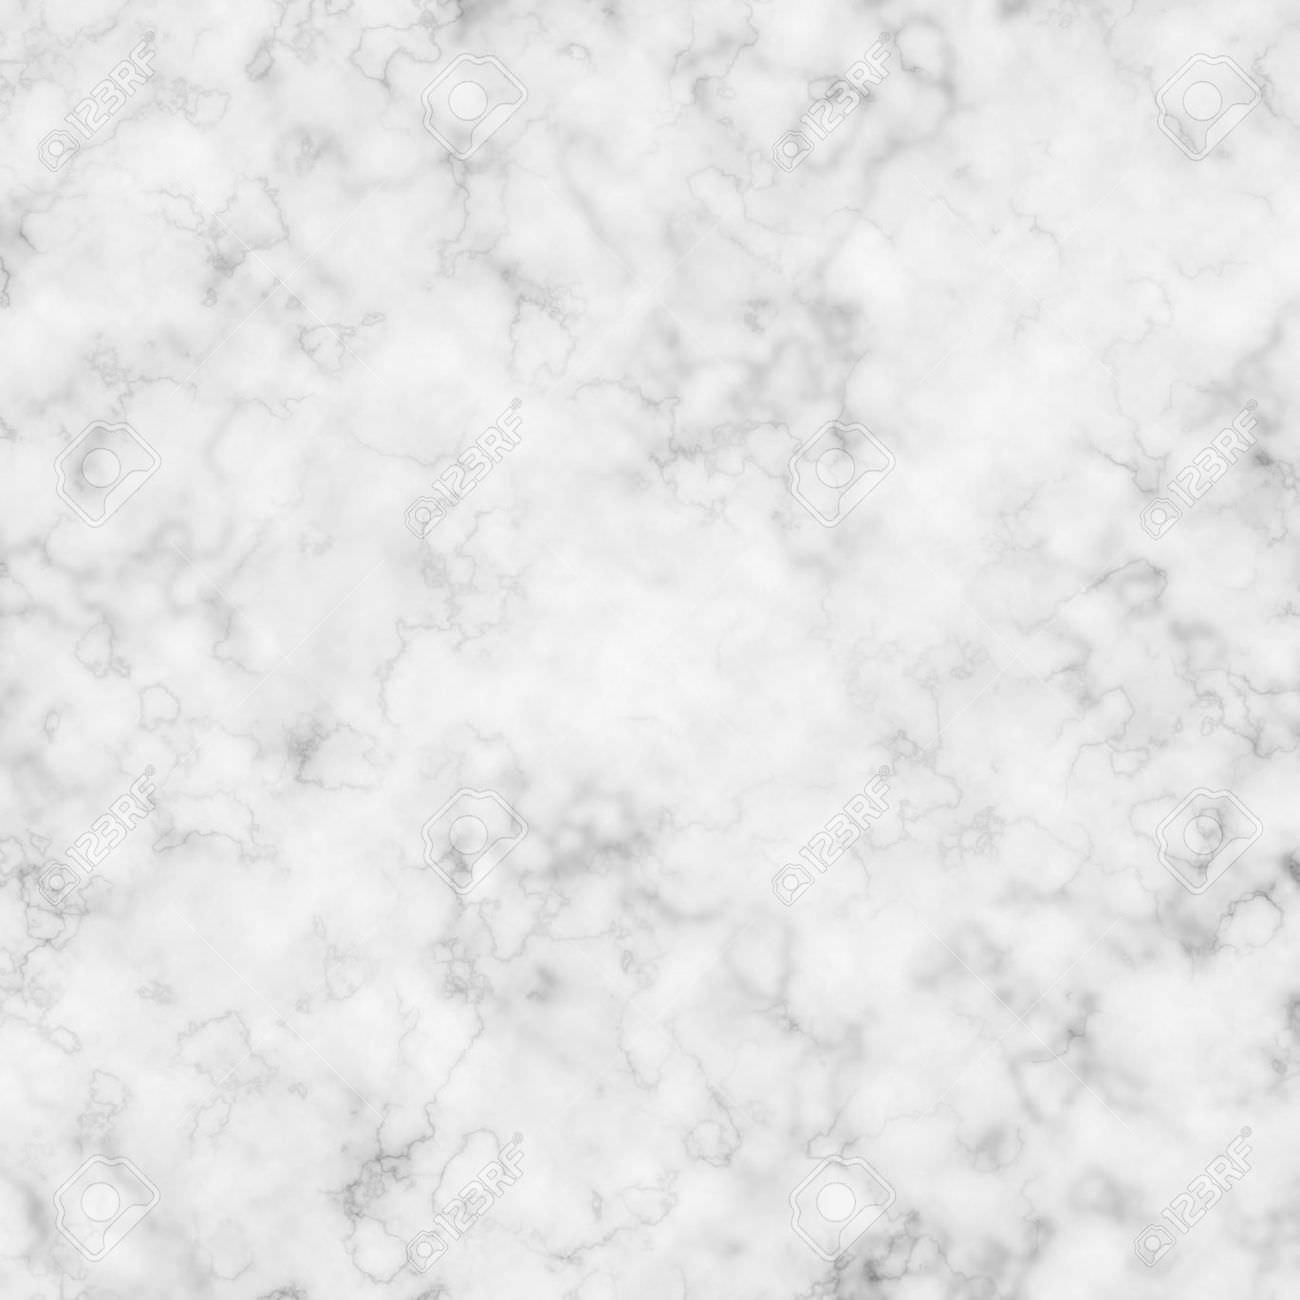 White marble texture background wwwimgkidcom the for White marble background